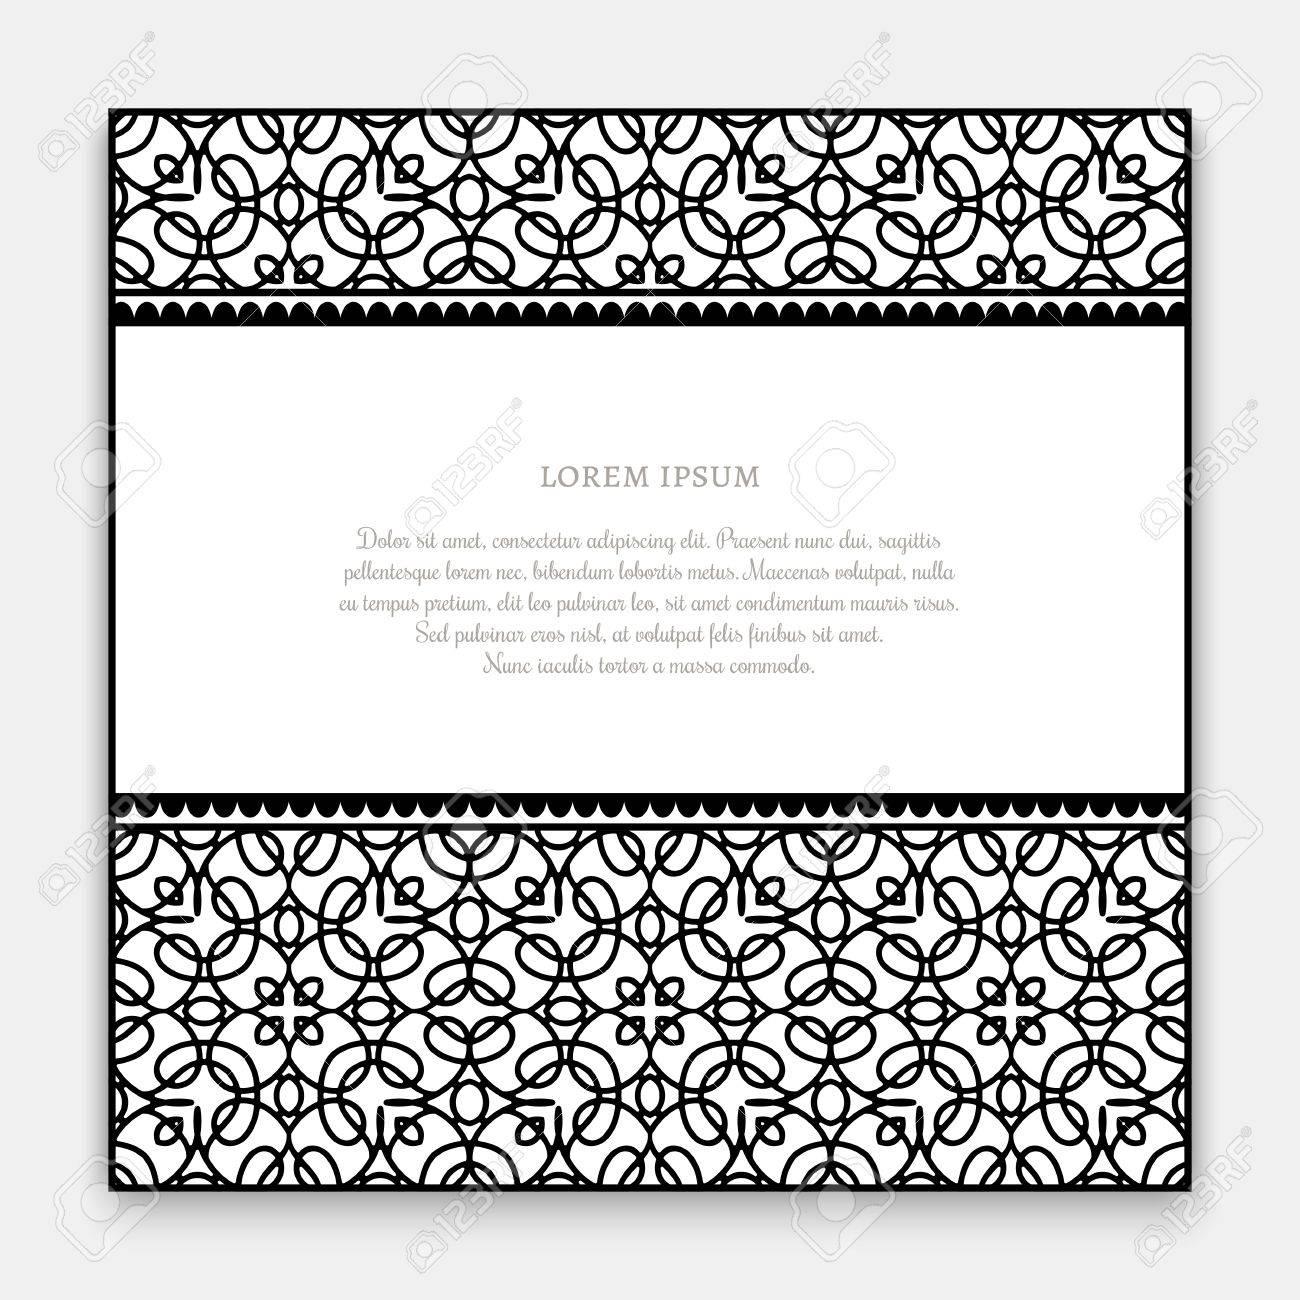 Hermosa Plantilla De Tarjeta En Blanco Ilustración - Colección De ...